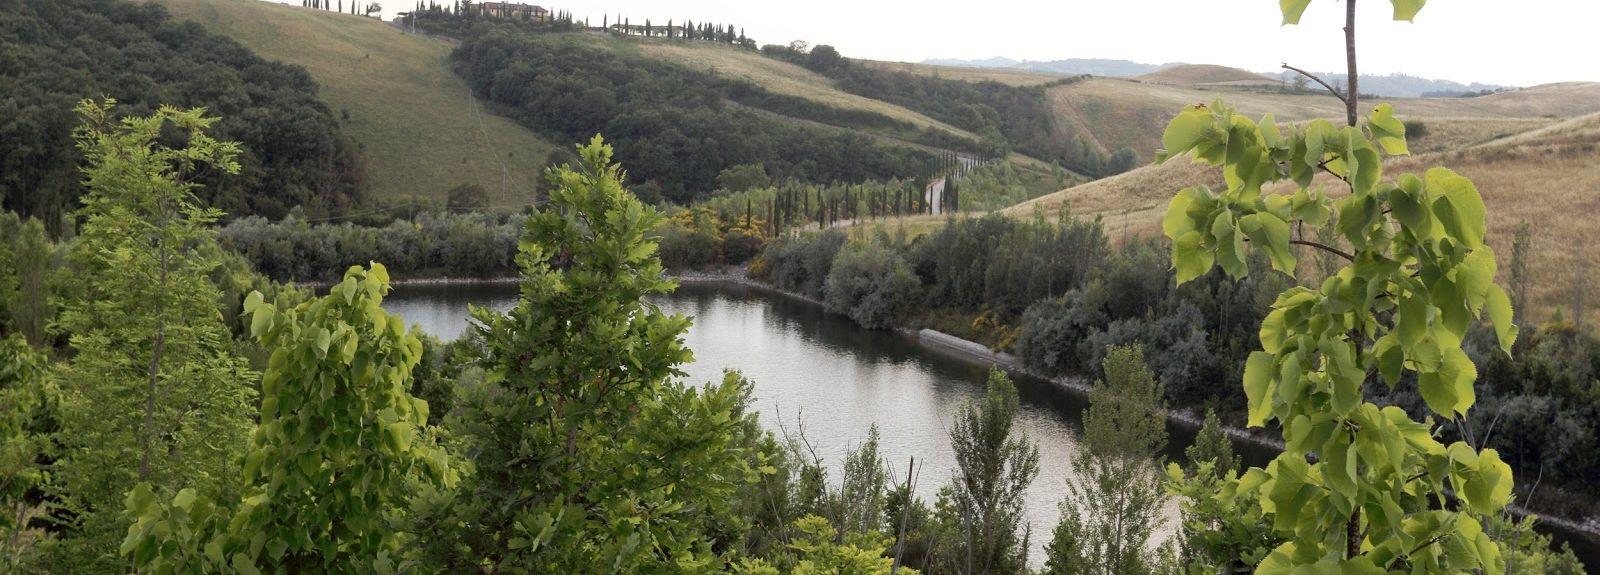 Castelfiorentino FI, Italy